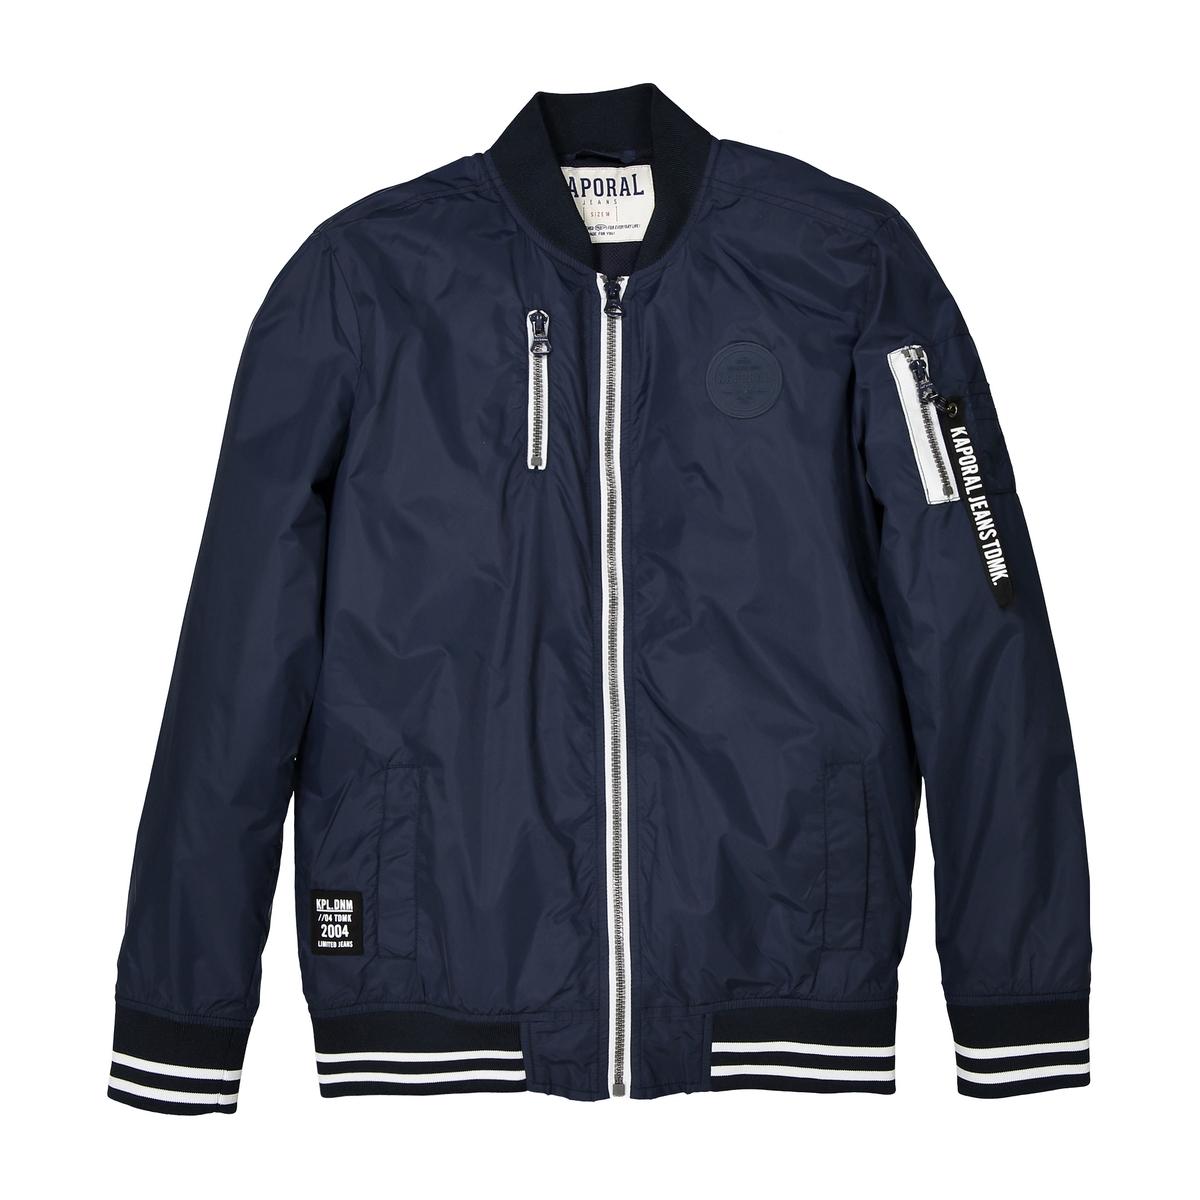 Куртка свободного покроя бойфренд в стиле ТеддиОписание:Детали •  В стиле Тедди •  Покрой бойфренд, свободный •  Круглый вырезСостав и уход •  100% полиамид •  Следуйте рекомендациям по уходу, указанным на этикетке изделия<br><br>Цвет: синий морской